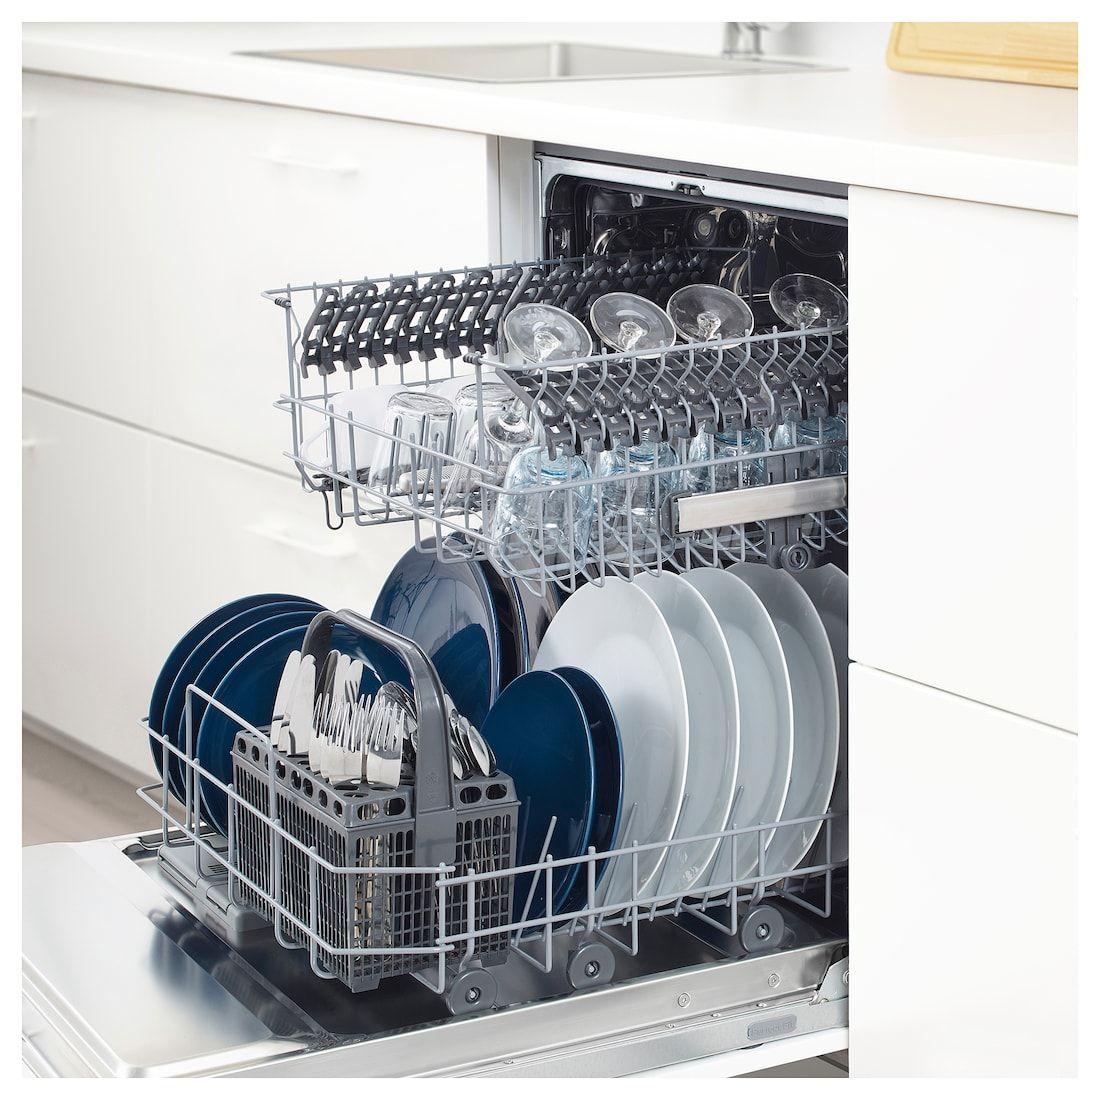 Lagan Lave Vaisselle Encastrable Blanc Ikea Lave Vaisselle Encastrable Lave Vaisselle Vaisselle